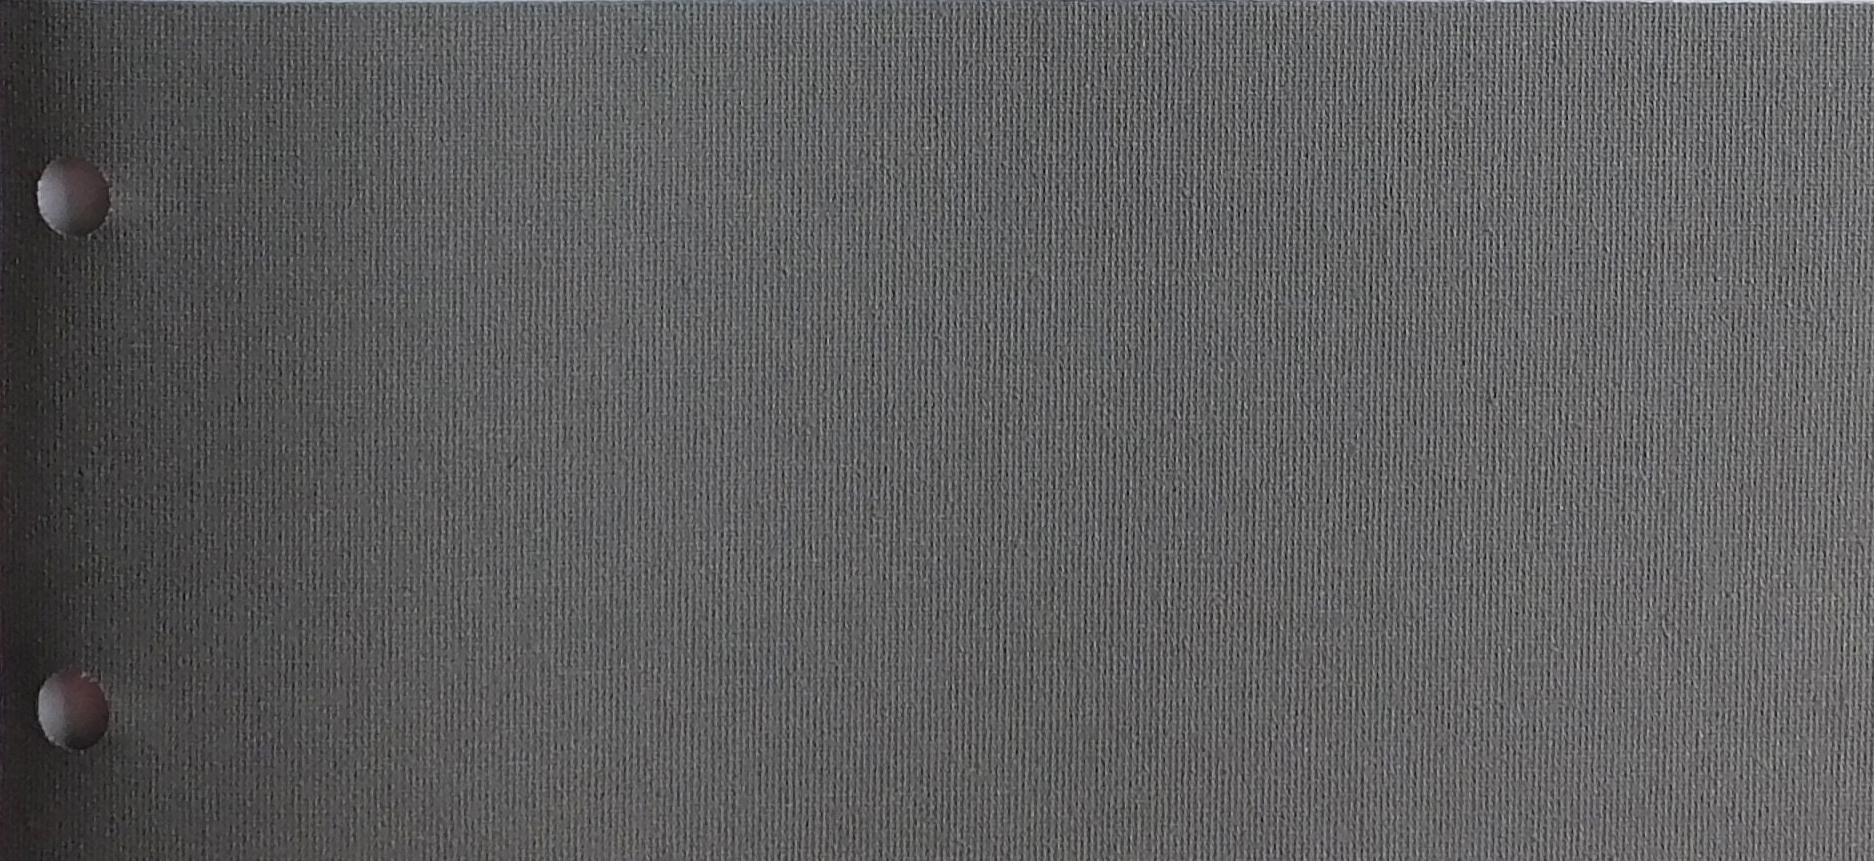 Polaris Charcoal blinds fabric